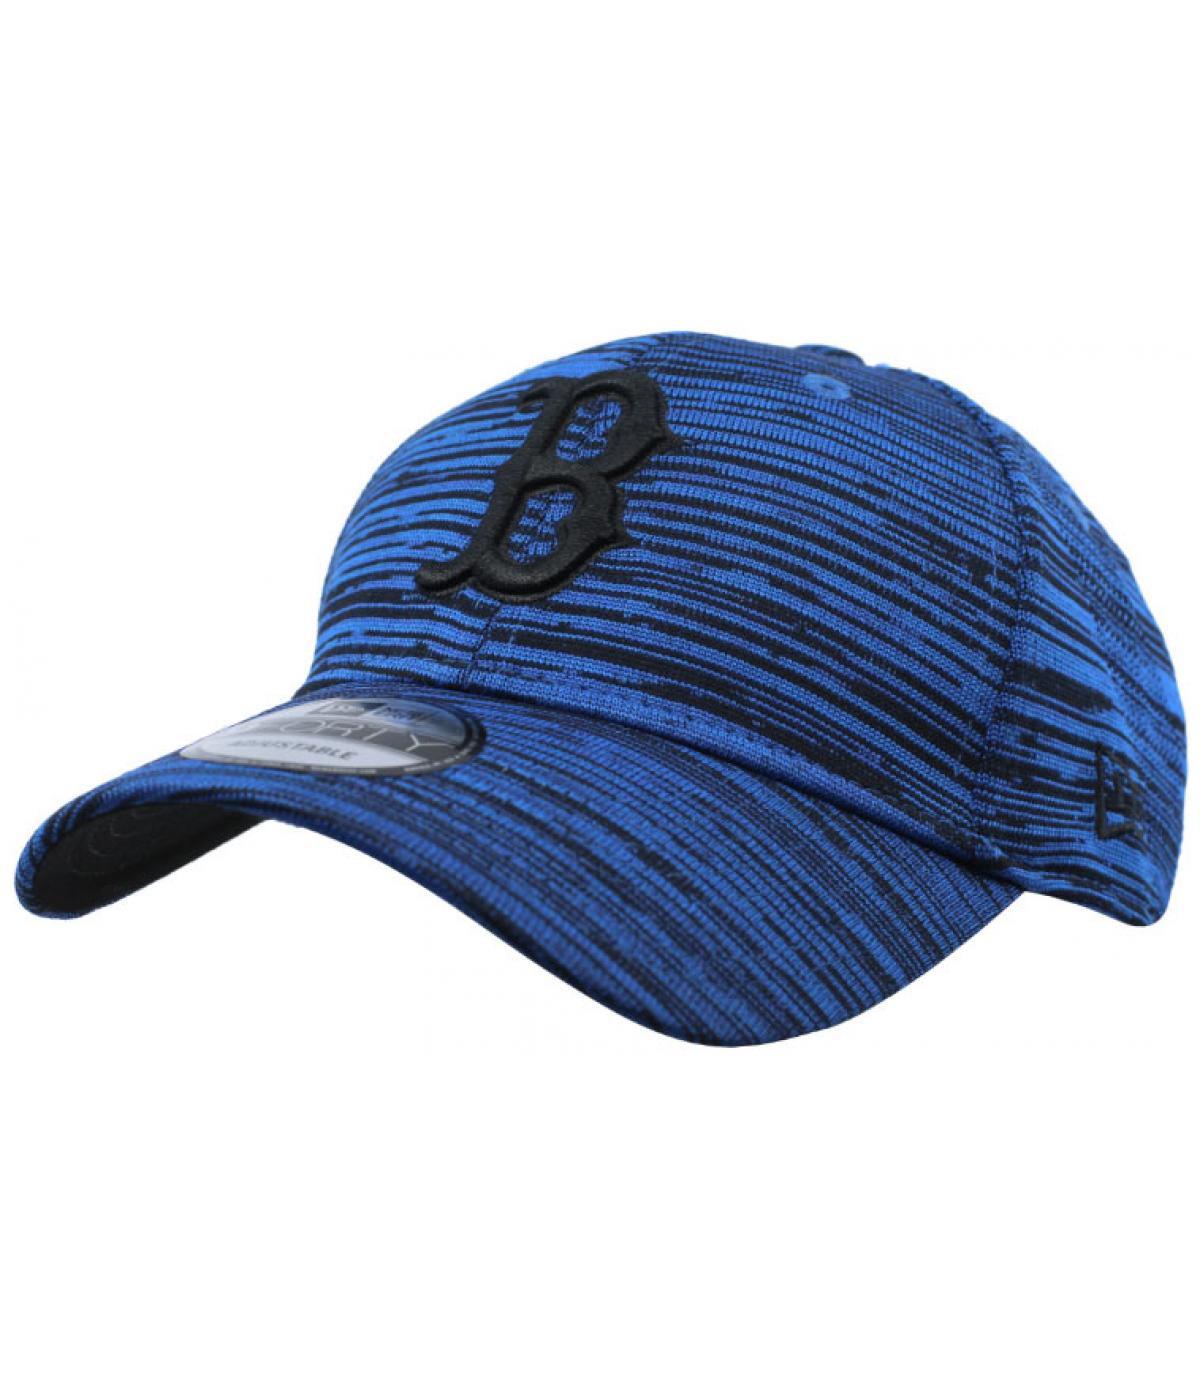 Detalles Engineered 9Forty Boston royal black imagen 2